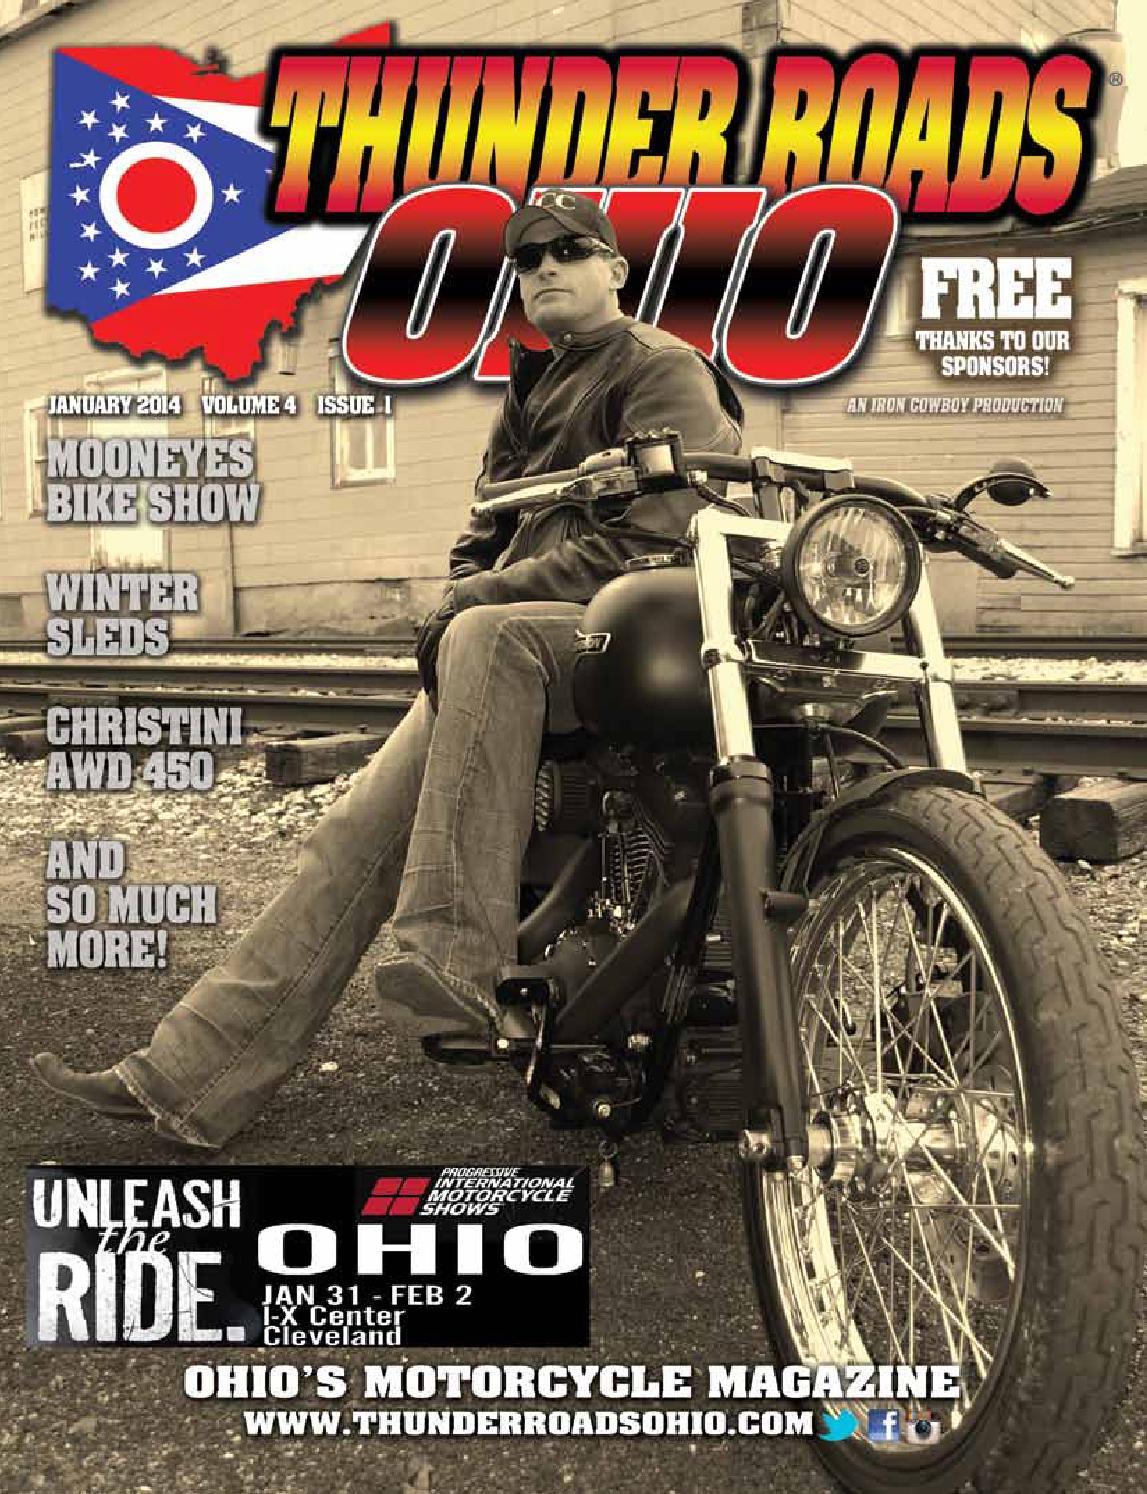 Thunder Roads Ohio January 2014 by Thunder Roads Ohio